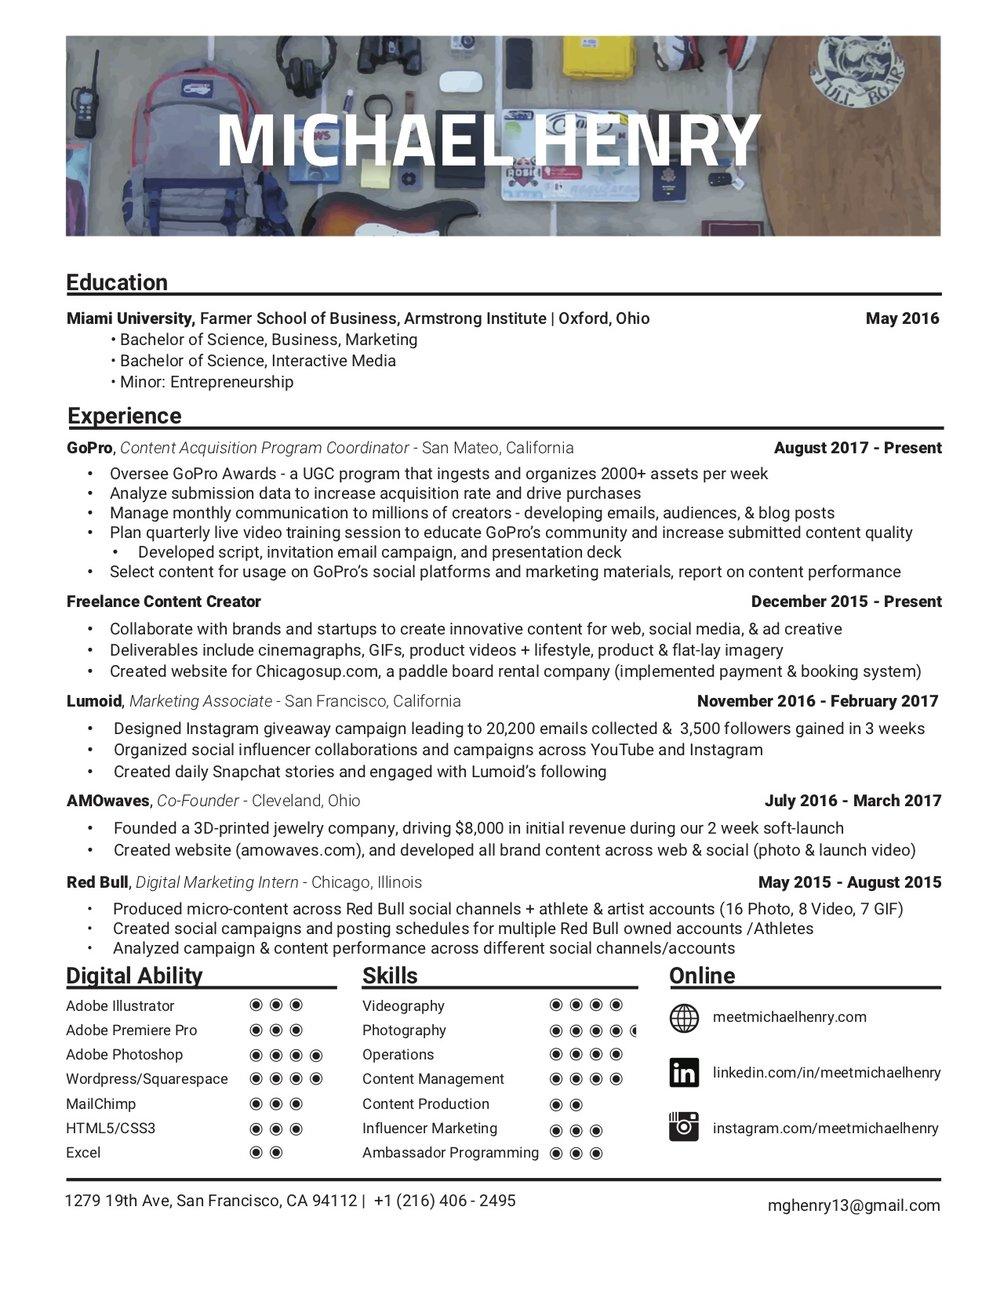 Michael Henry Resume.jpg